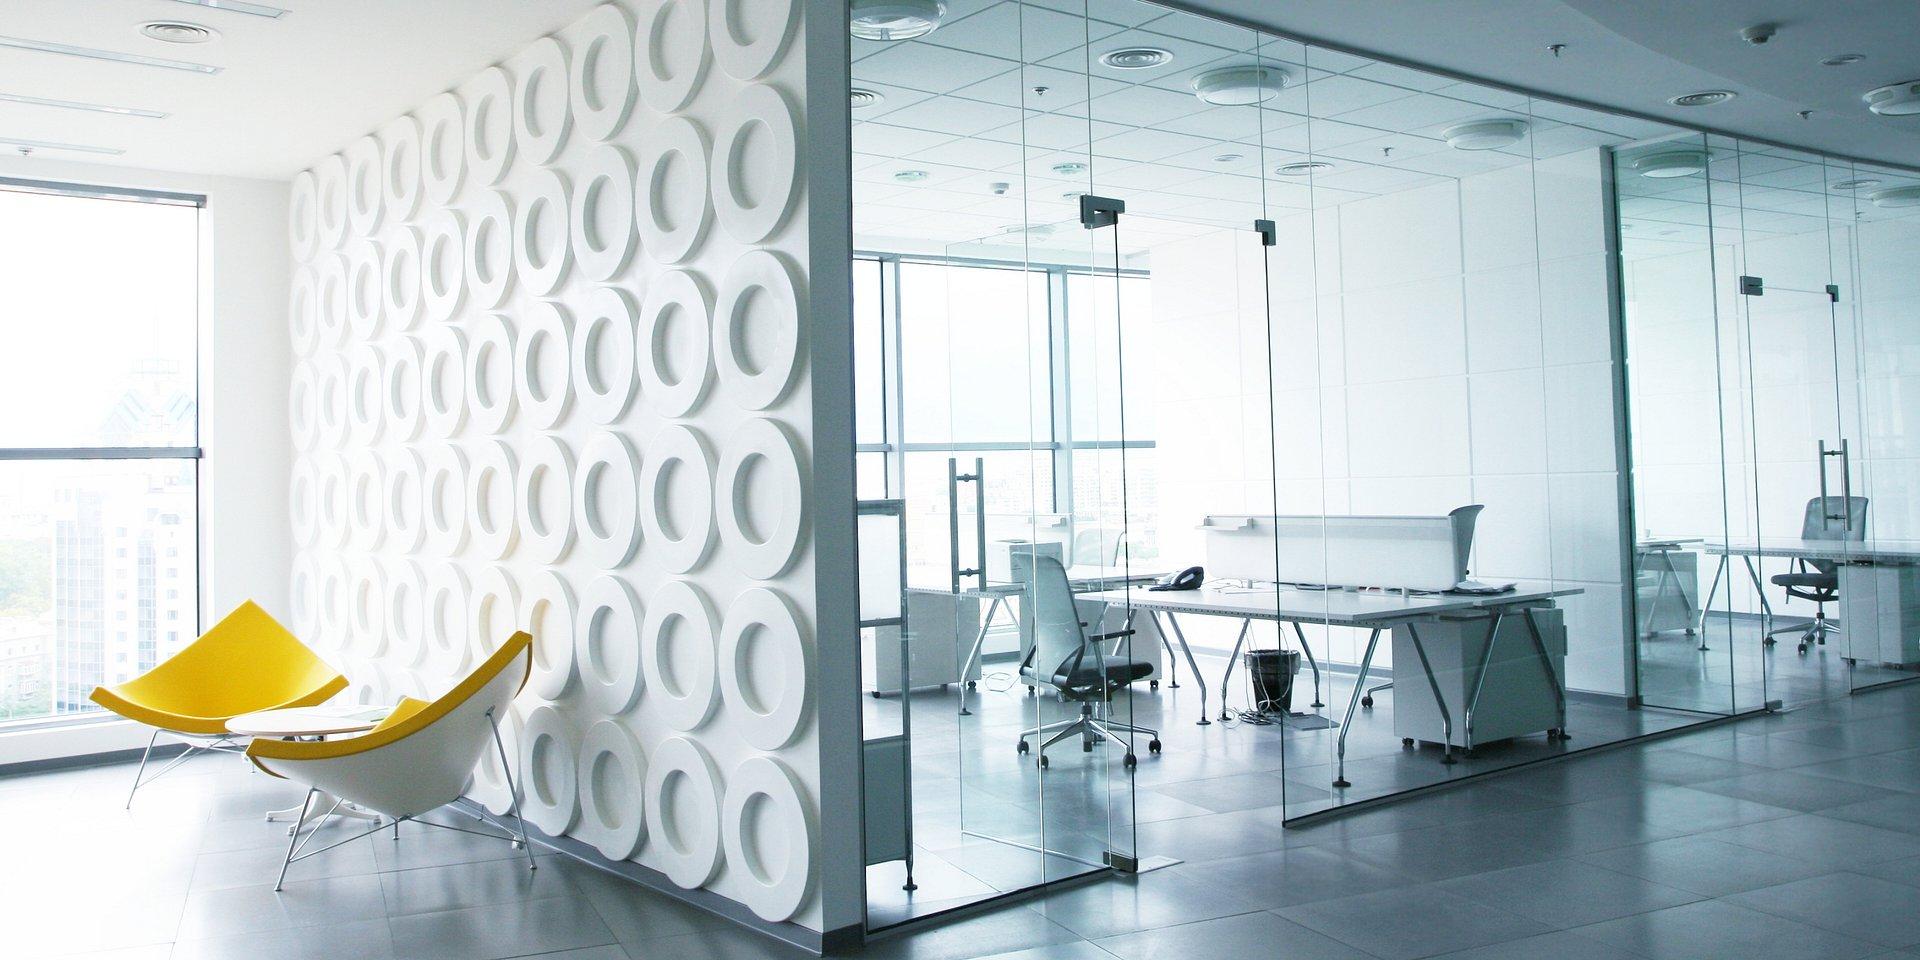 Biura rosną jak na drożdżach poza stolicą